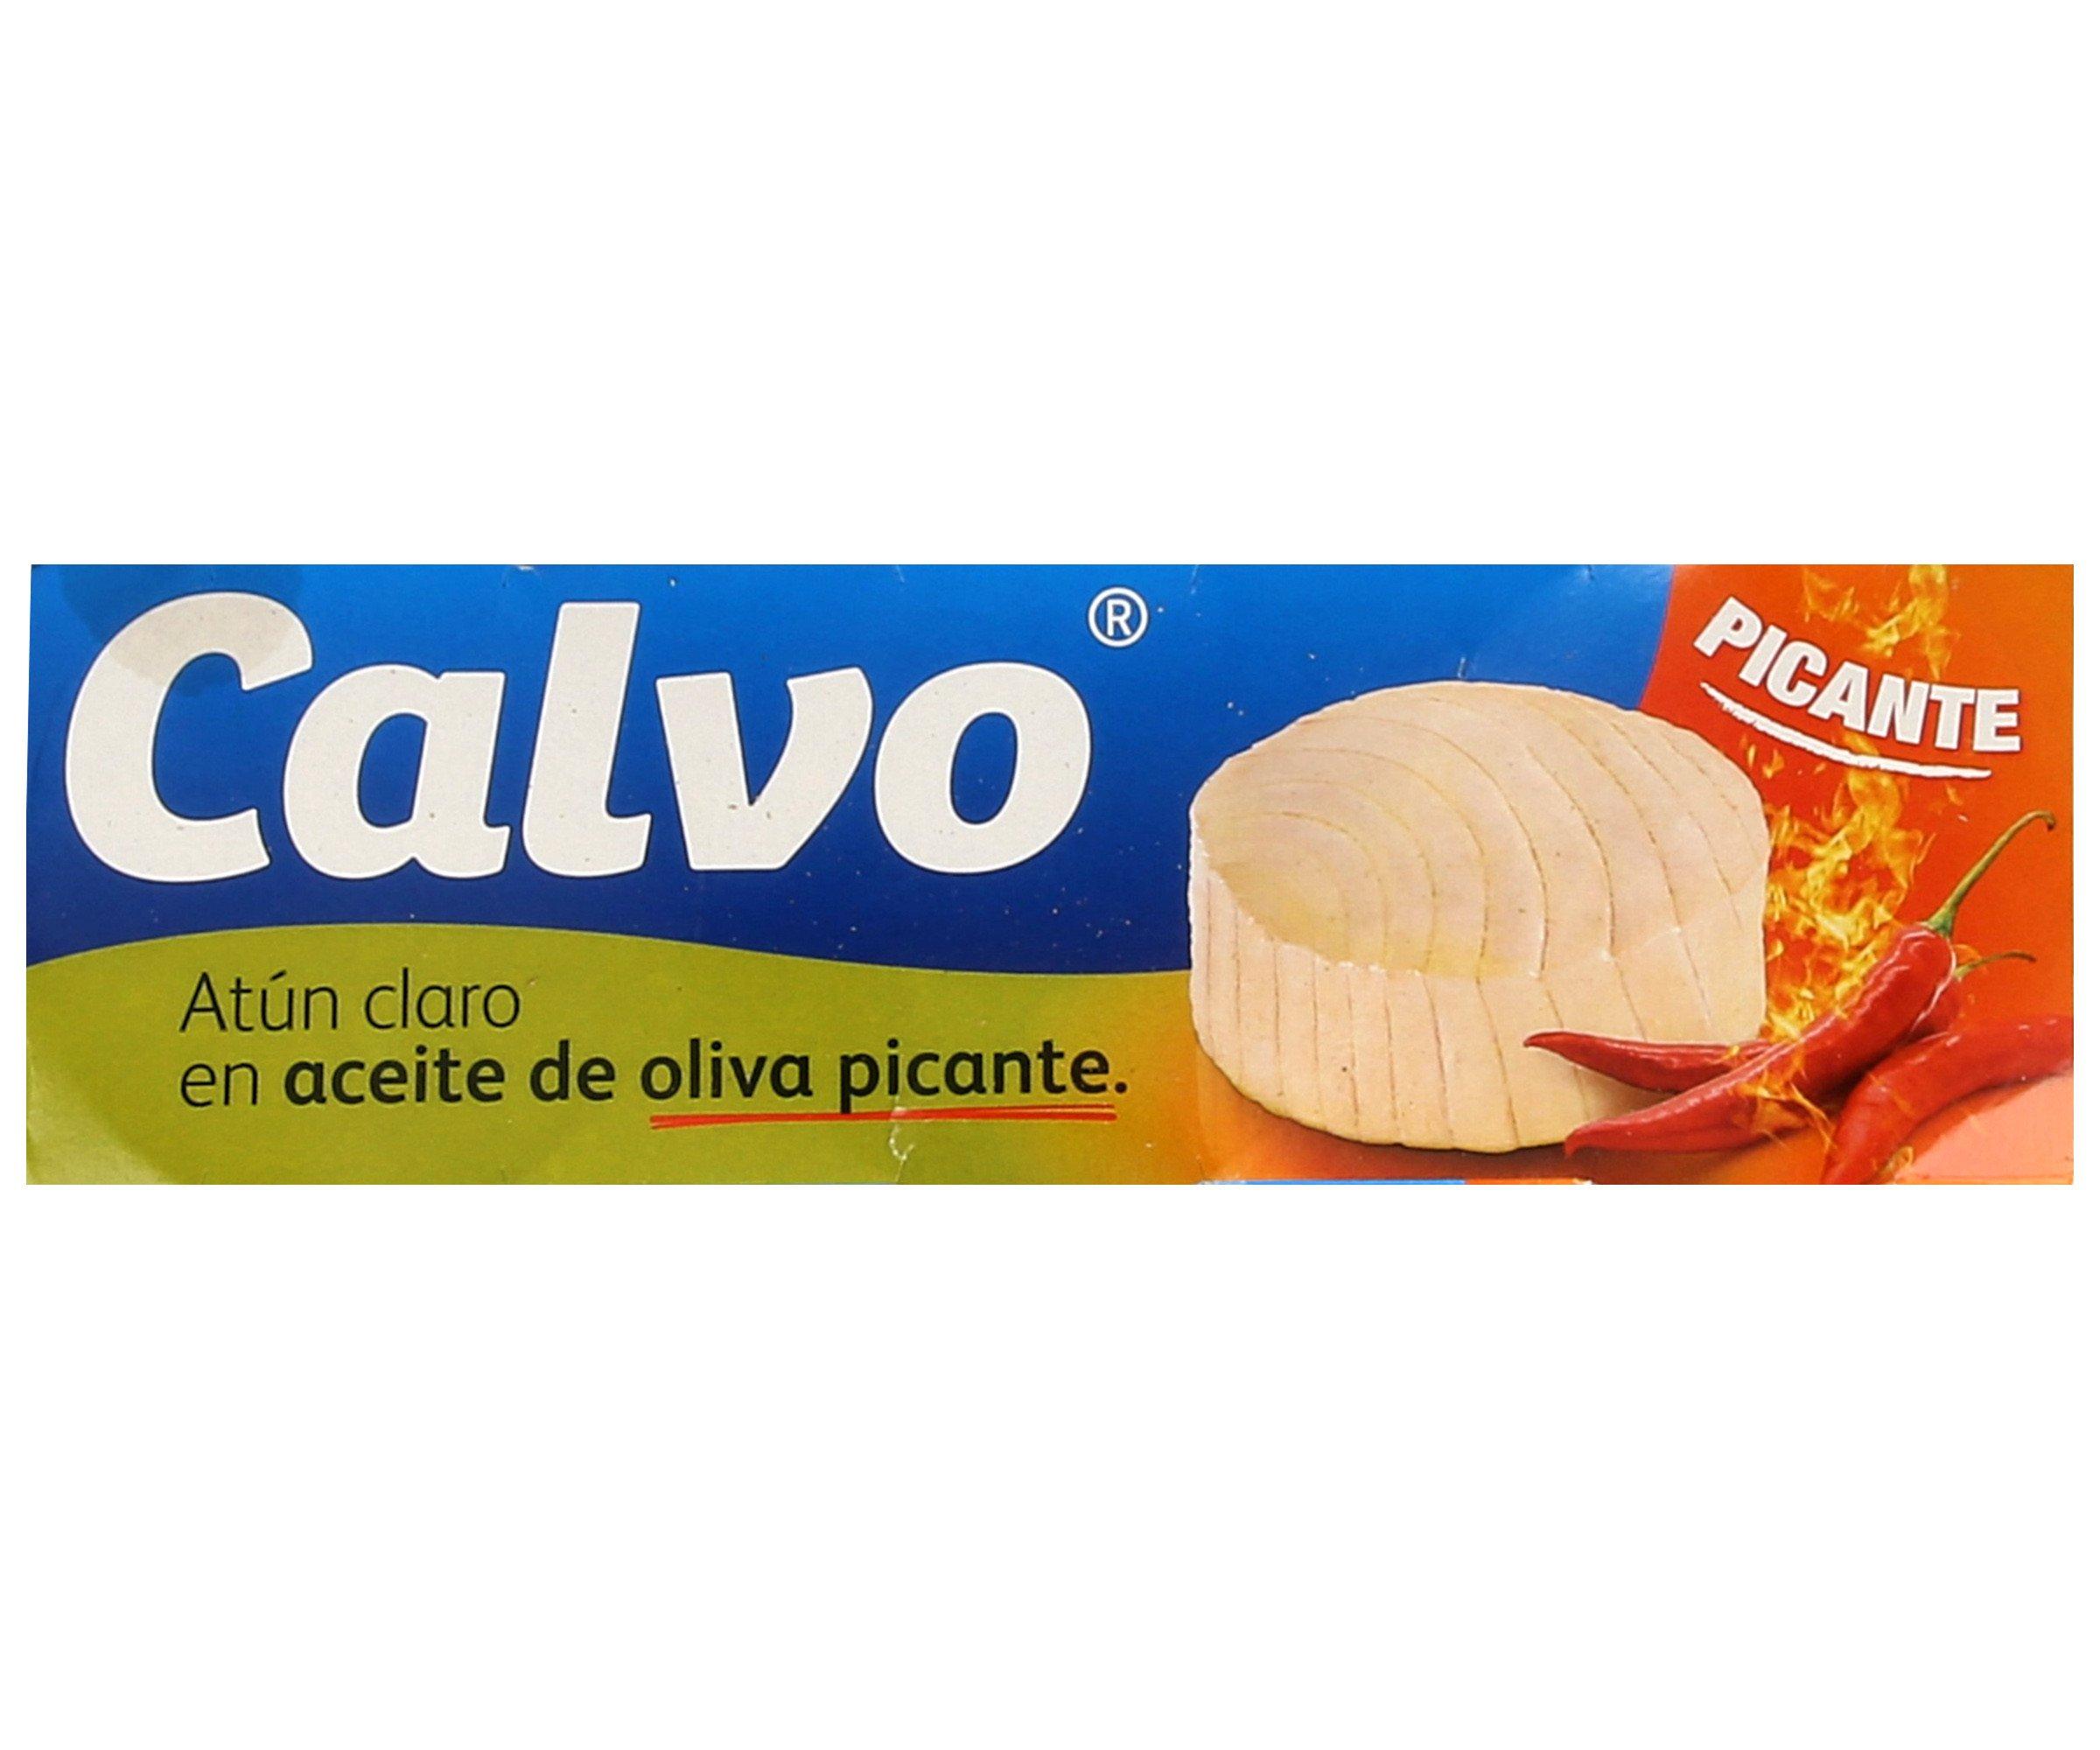 Atún claro en aceite oliva picante Calvo 3 x 80 g